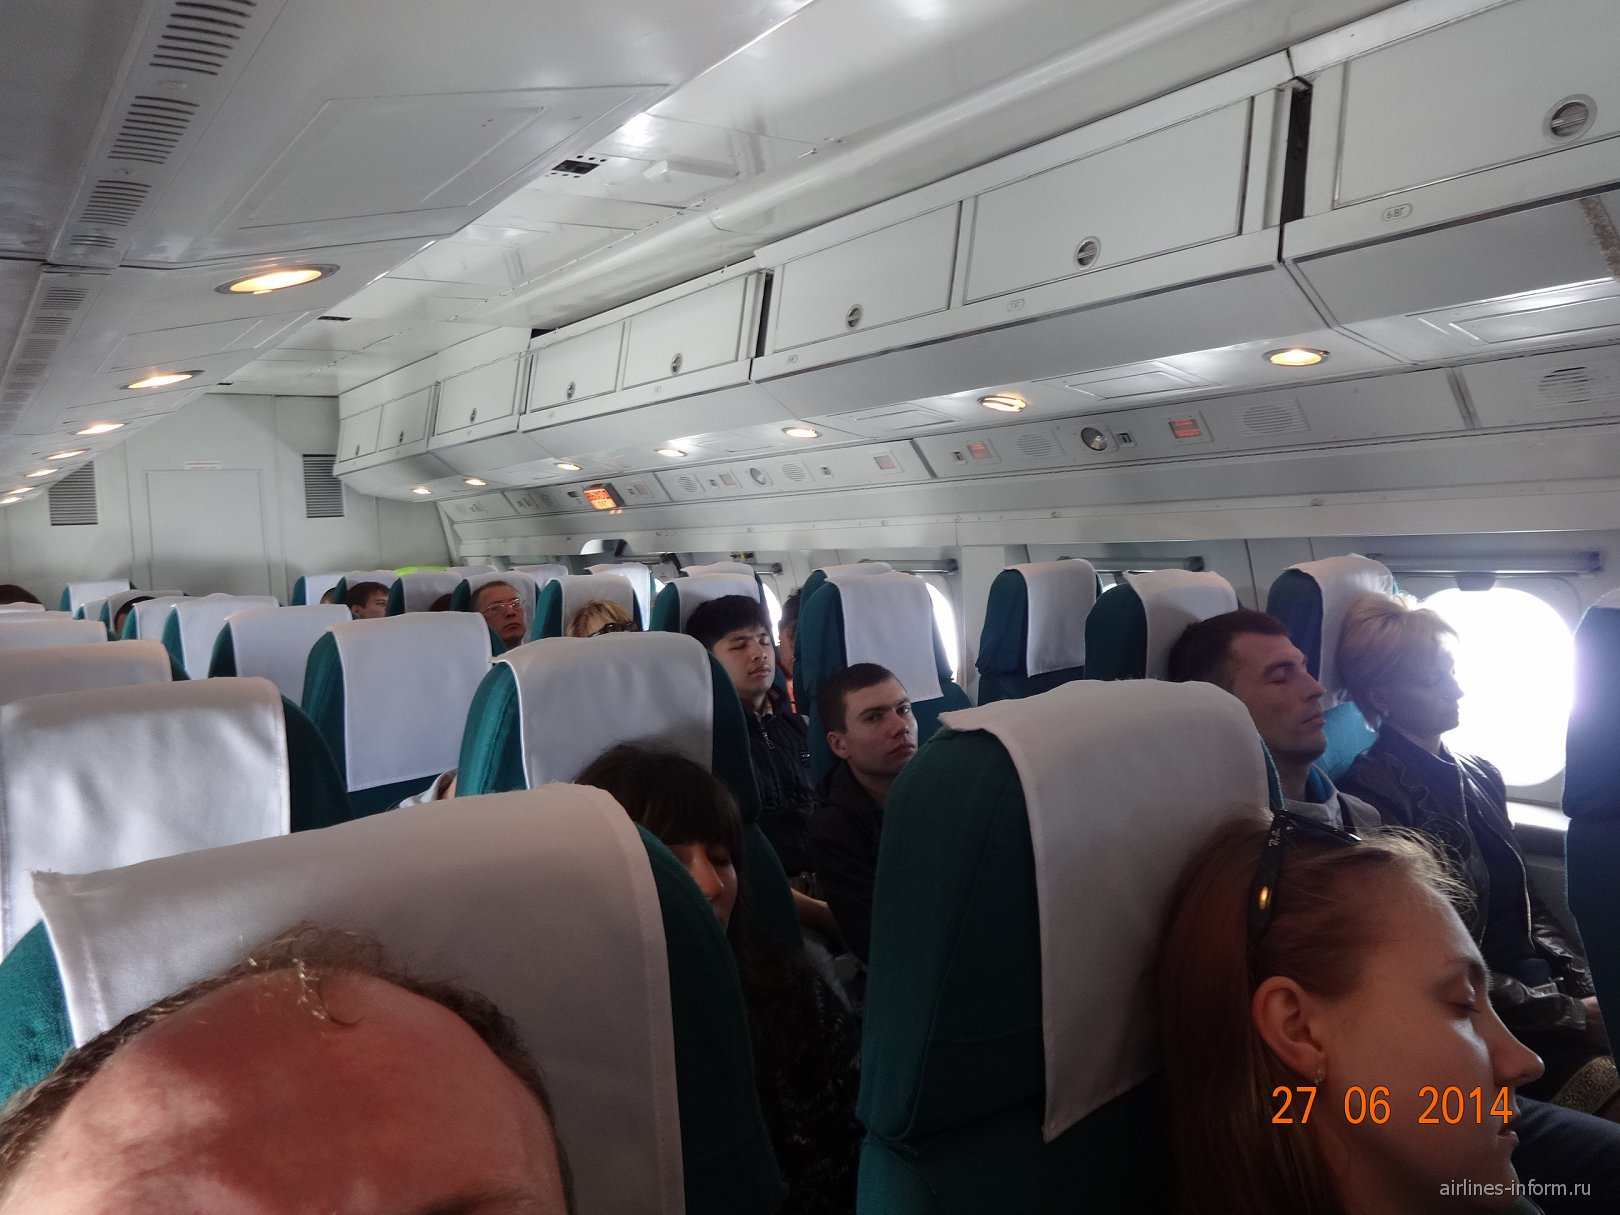 Салон самолета Ан-74ТК-200 авиакомпании Мотор-Сич